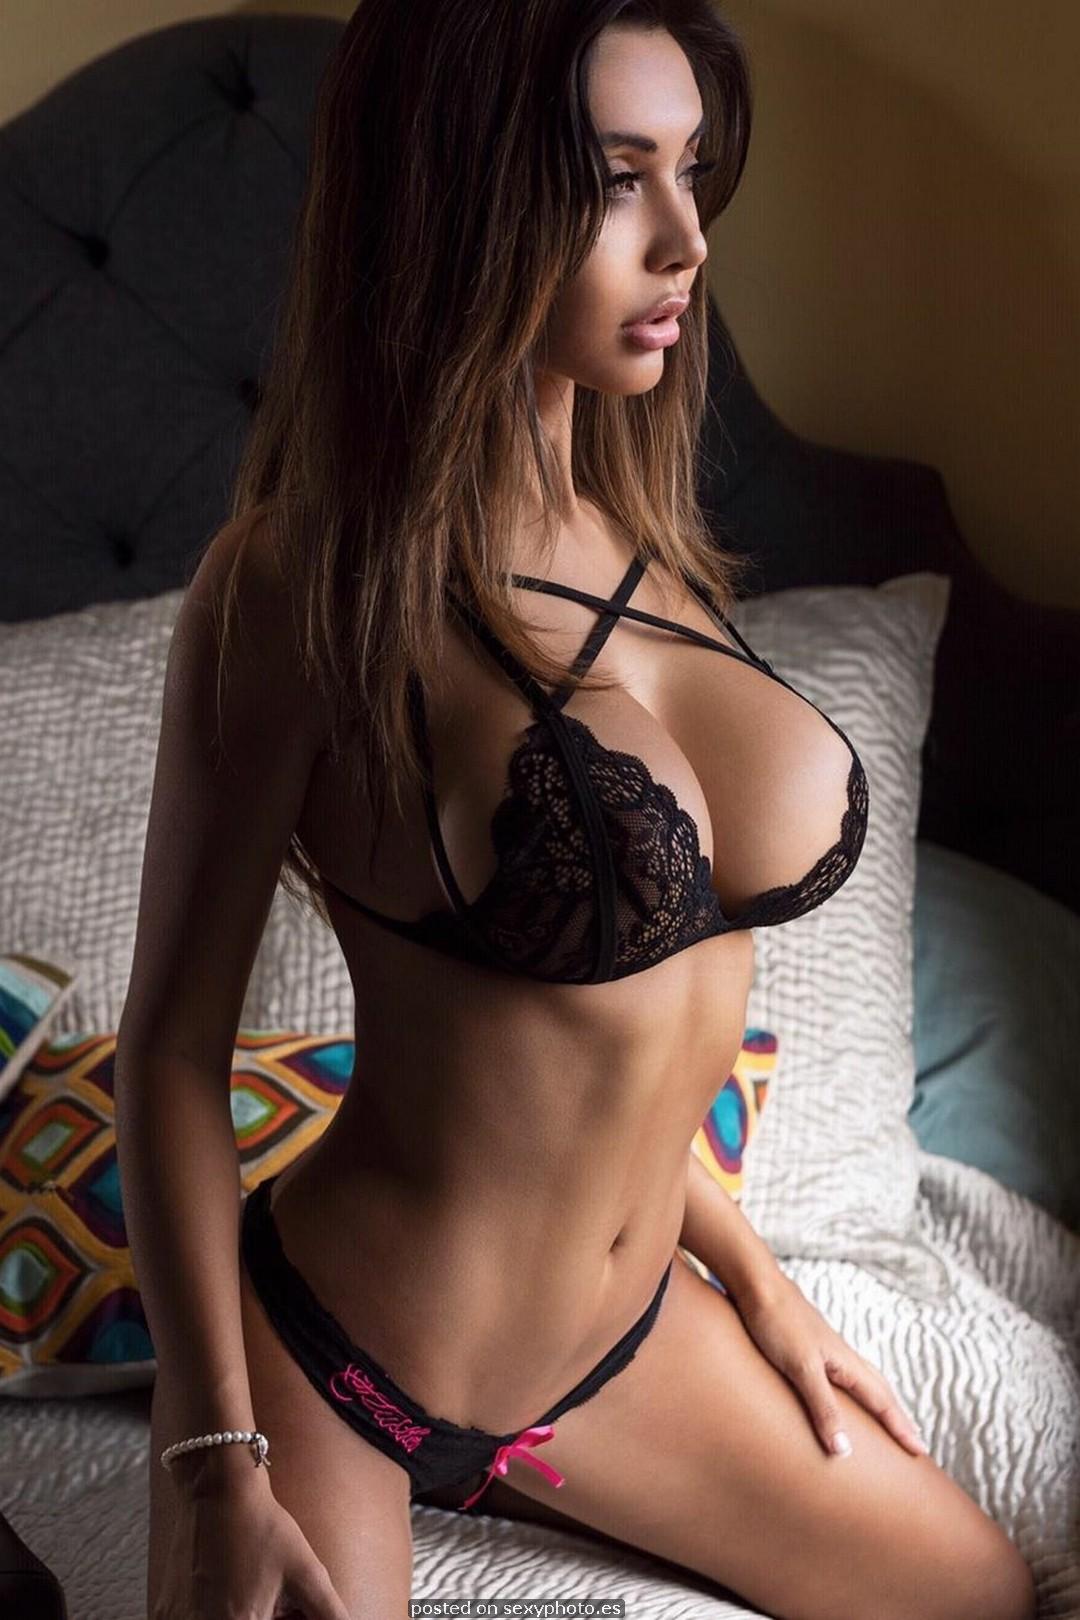 big boobs, tetas grandes - tetas perfectas - buenas tetas - sexy boobs - sexy photo